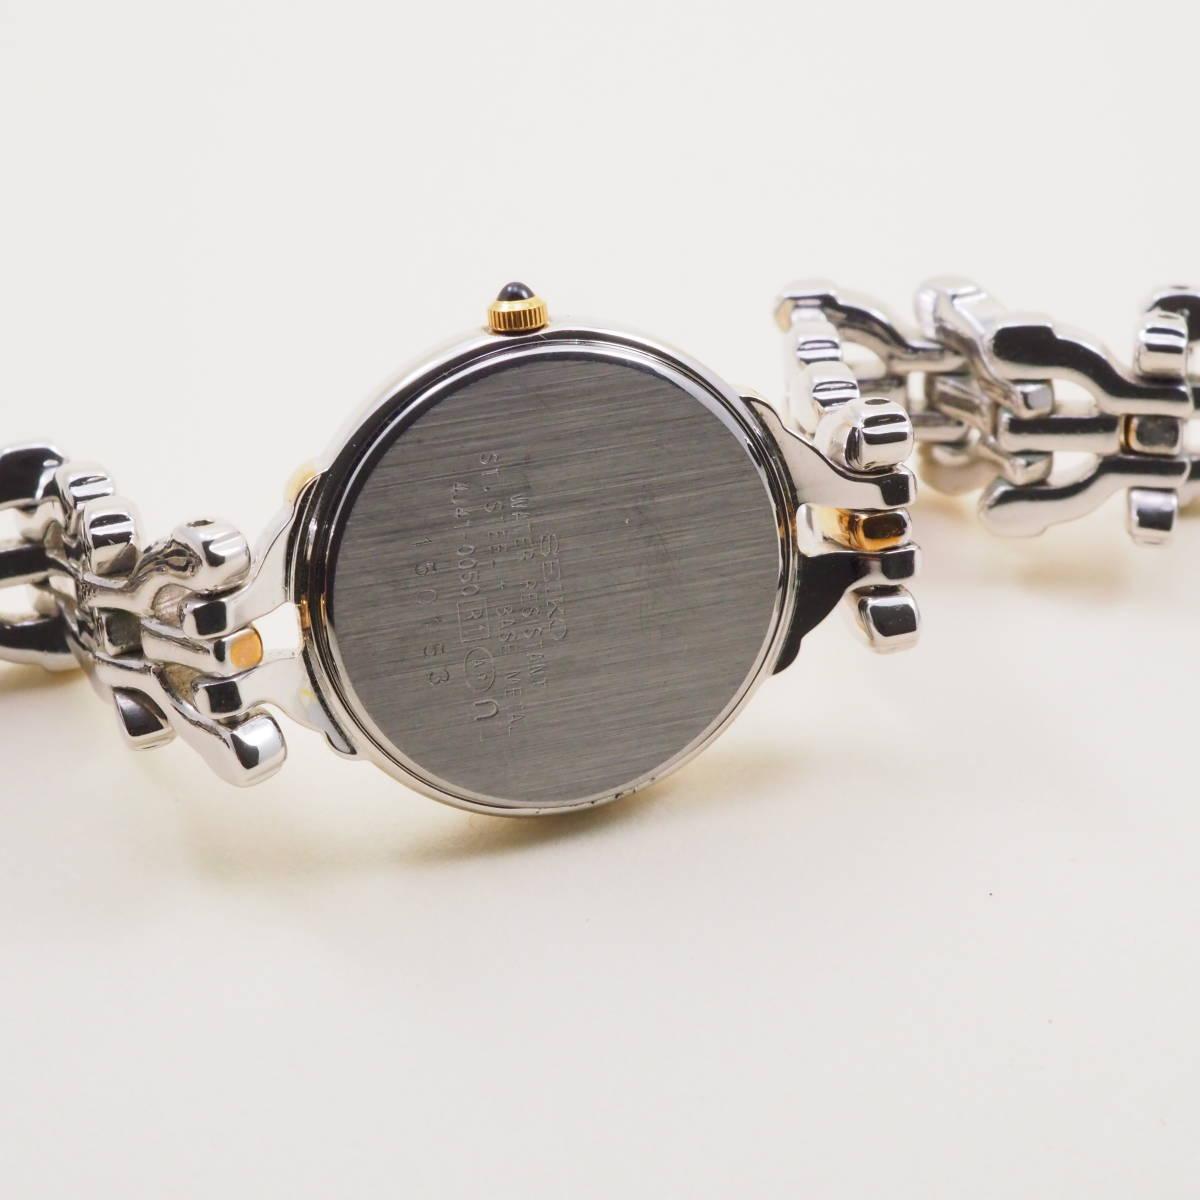 不動美品ジャンク セイコーSEIKO EXCELINE エクセリーヌ 薄型アナログ レディース 4J41-0050 耐磁 QUARTZ 管:20201120-149-1-3_画像6